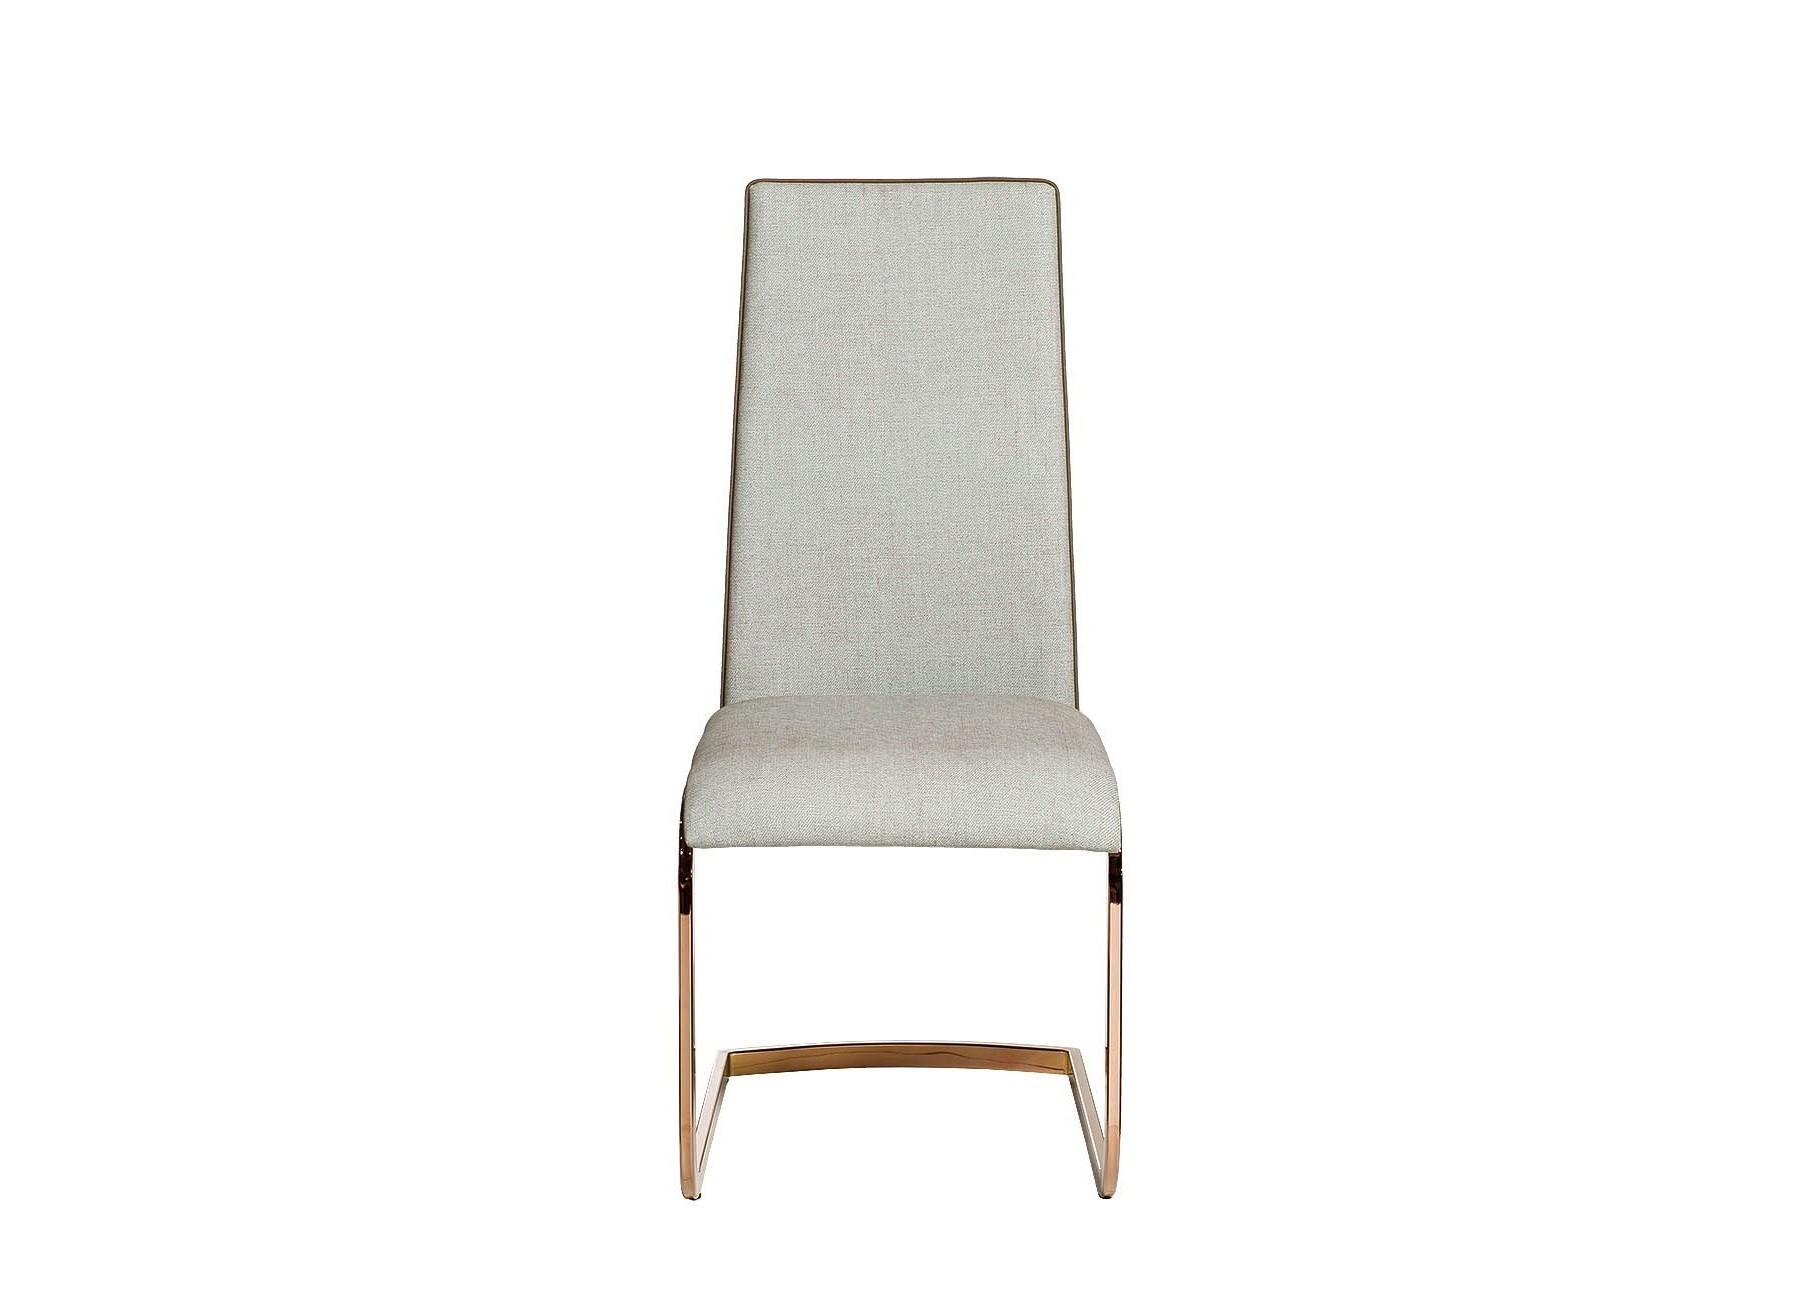 СтулОбеденные стулья<br><br><br>Material: Экокожа<br>Ширина см: 44<br>Высота см: 103<br>Глубина см: 55